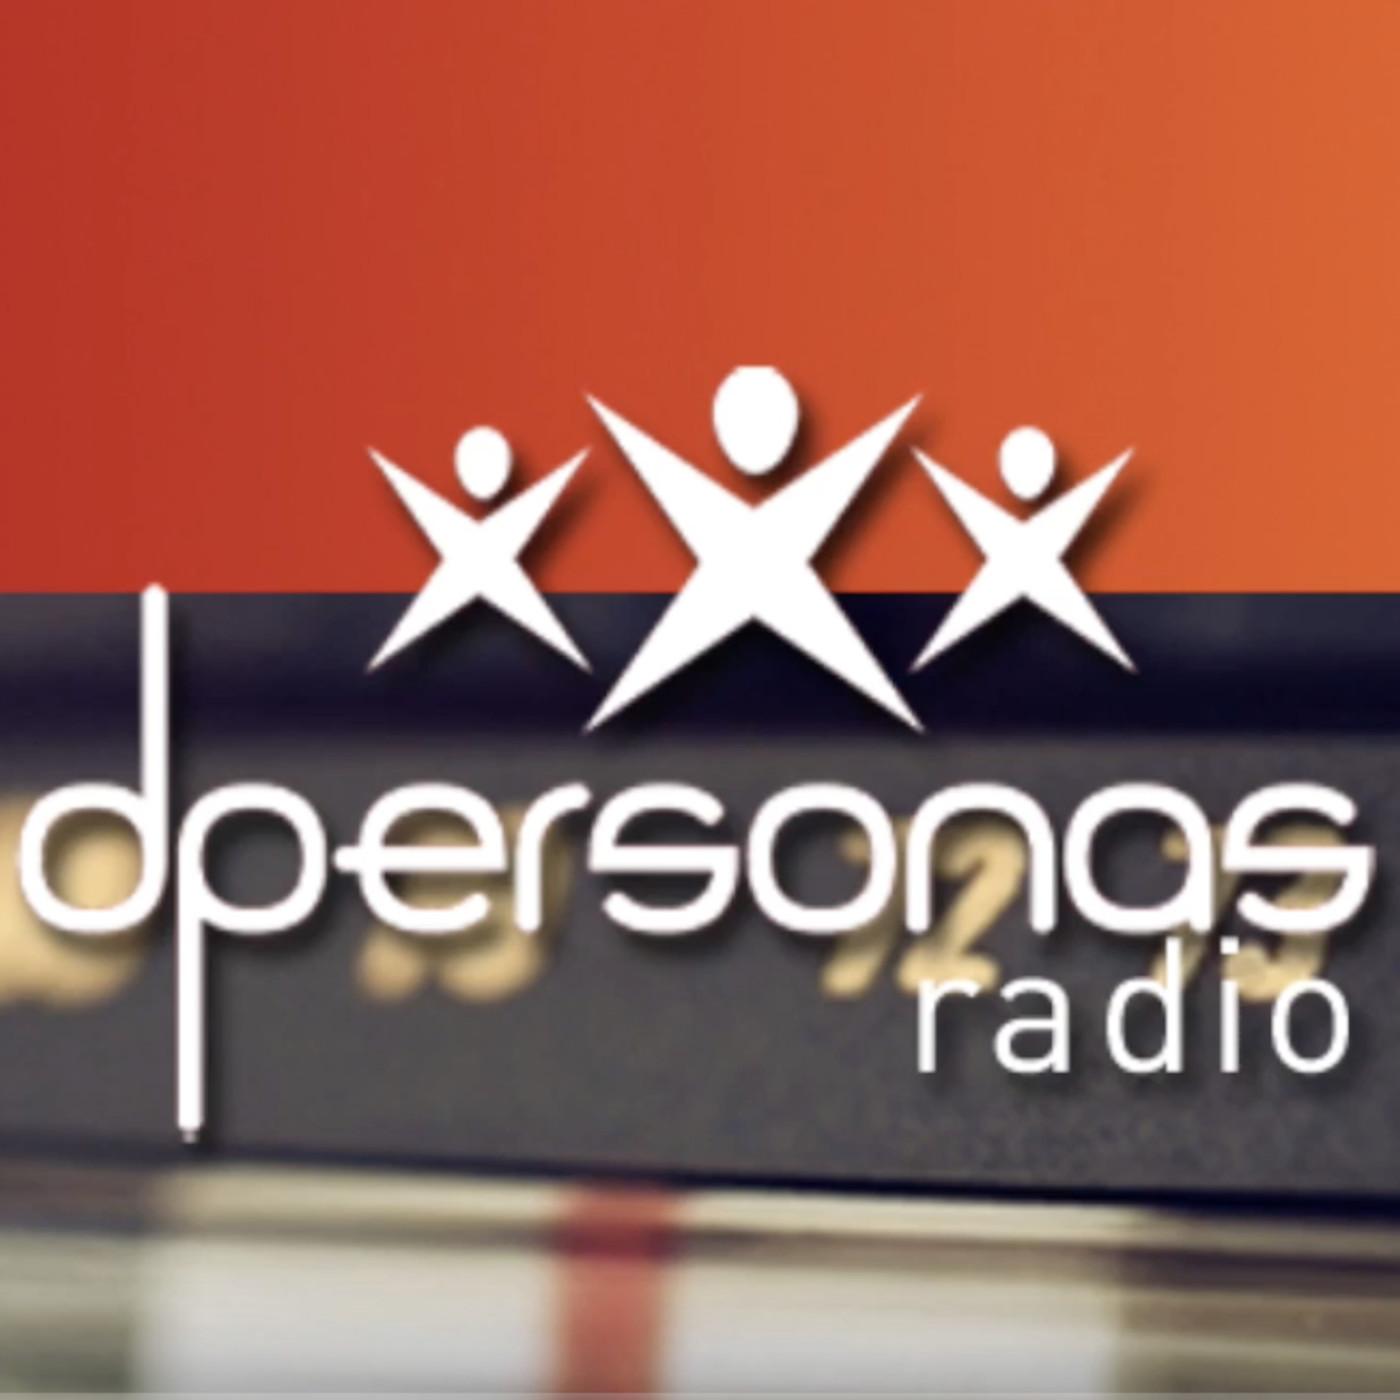 dpersonas radio